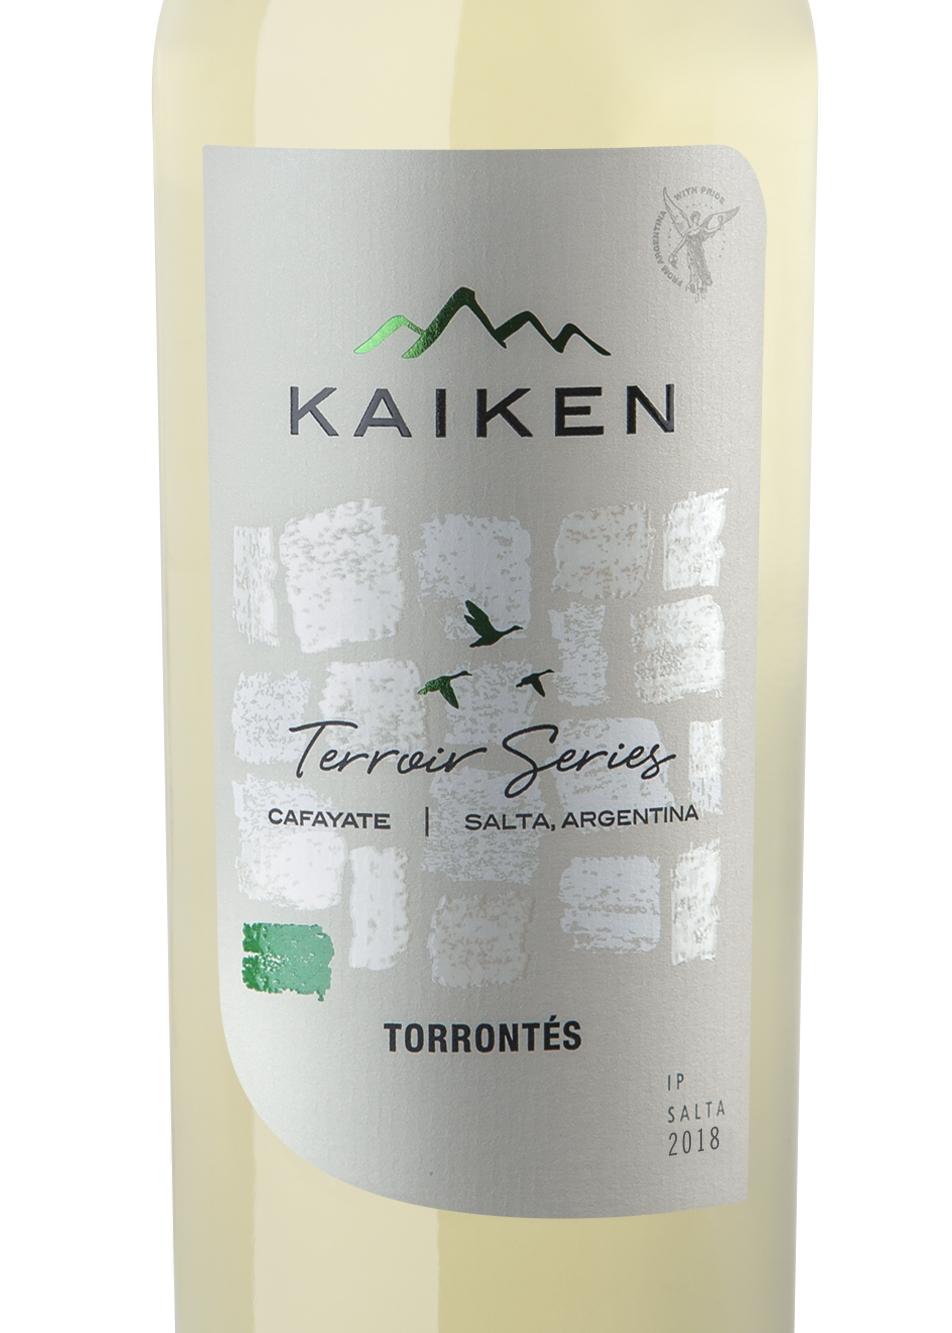 Kaiken Terroir Series Torrontés 2018 - Es un vino elegante, de un atractivo color verde brillante. En nariz sorprende con una deliciosa y variada expresión aromática en donde se distinguen los clásicos caracteres a flores blancas como jazmín, que se entremezclan con una delicada y fresca nota frutal de cáscaras de naranja y pomelo.En el paladar revela una refrescante acidez que, sumada a sus capas de sabores, lo convierten en un vino ideal para acompañar la primavera y el verano. Se recomienda servir a 12°-13°C.